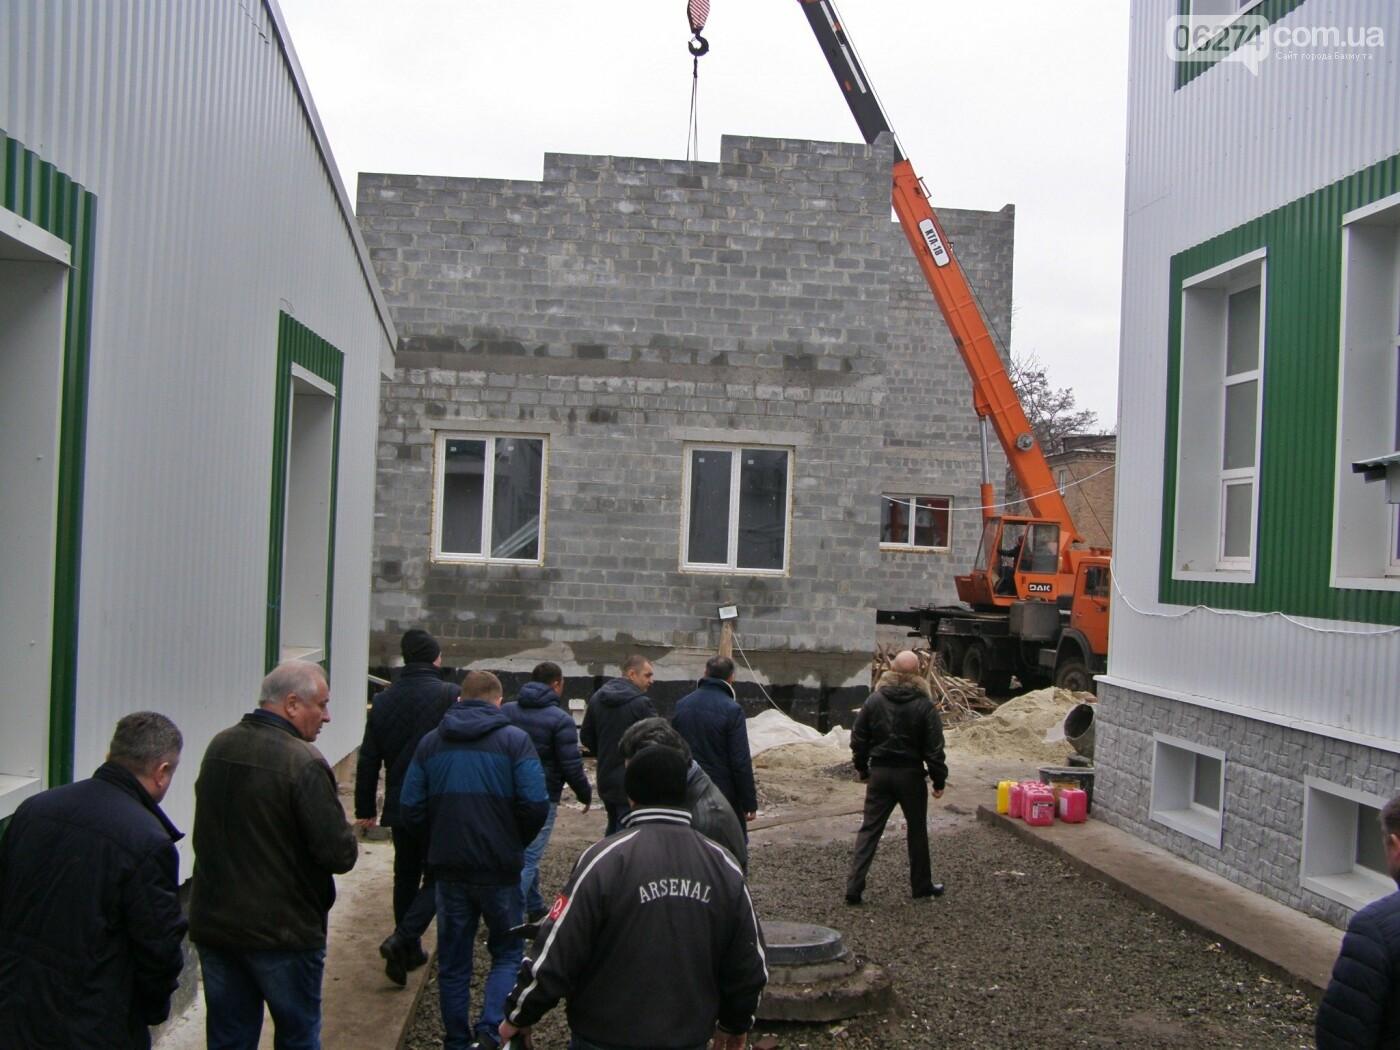 Во врачебно-физкультурном диспансере в Бахмуте завершена реконструкция главного корпуса и общежития, фото-15